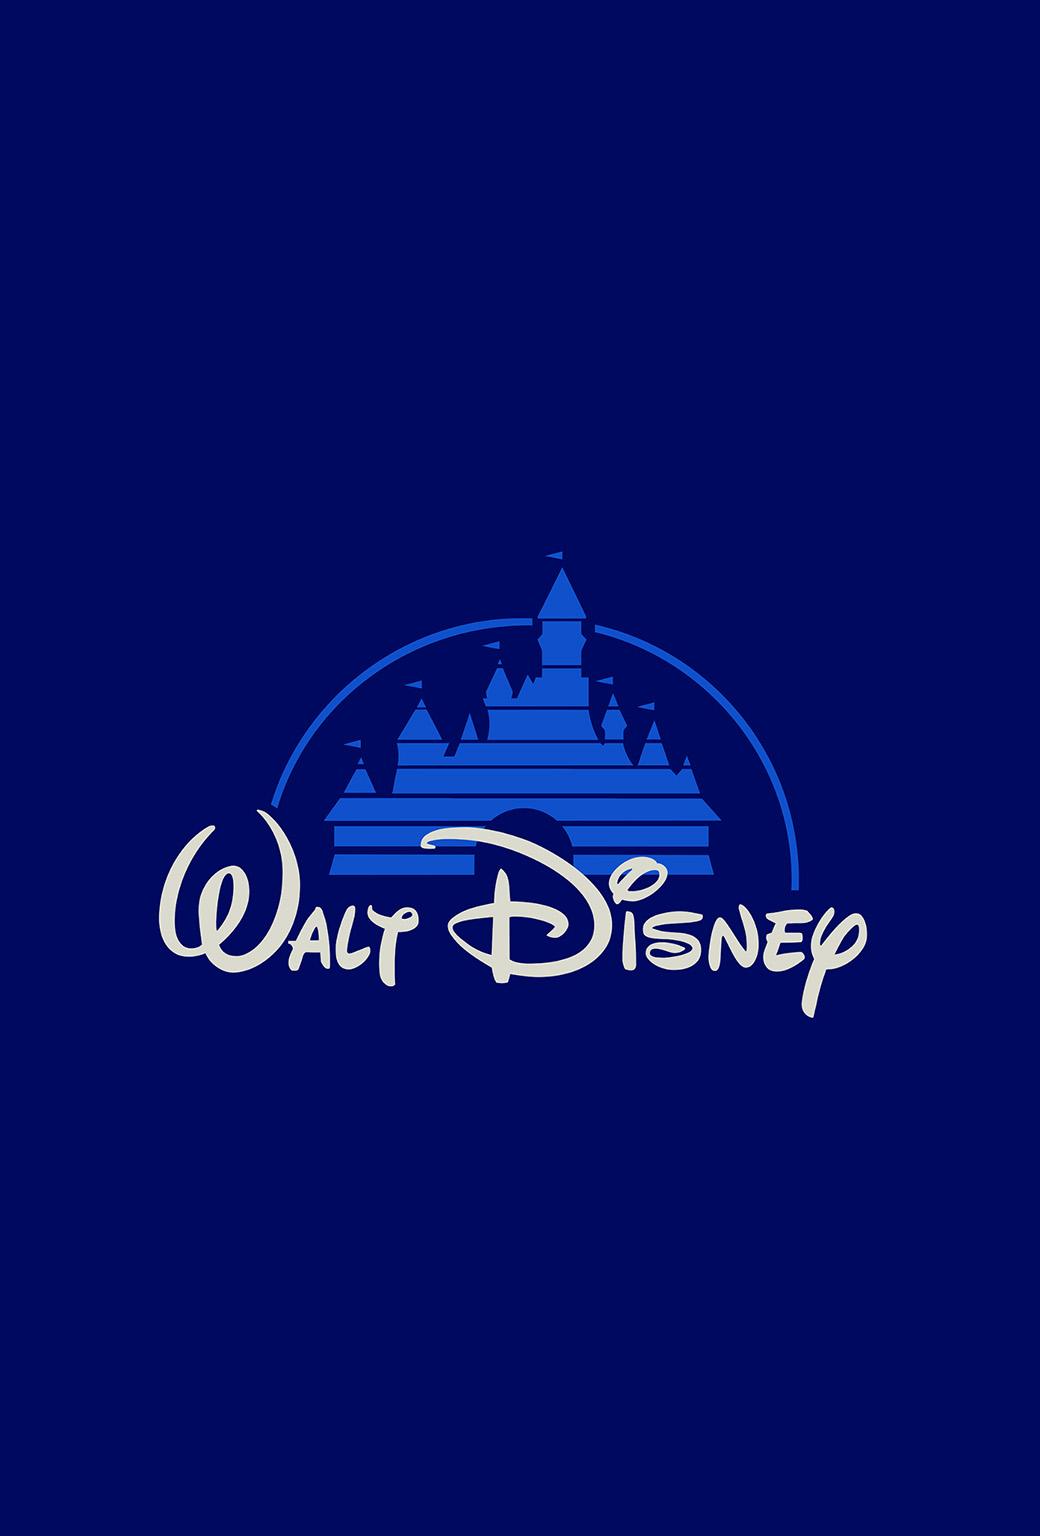 Iphone 5 Wallpaper 744 X 1392 660Kb Disney IPhone 541 812 270Kb 1040x1536